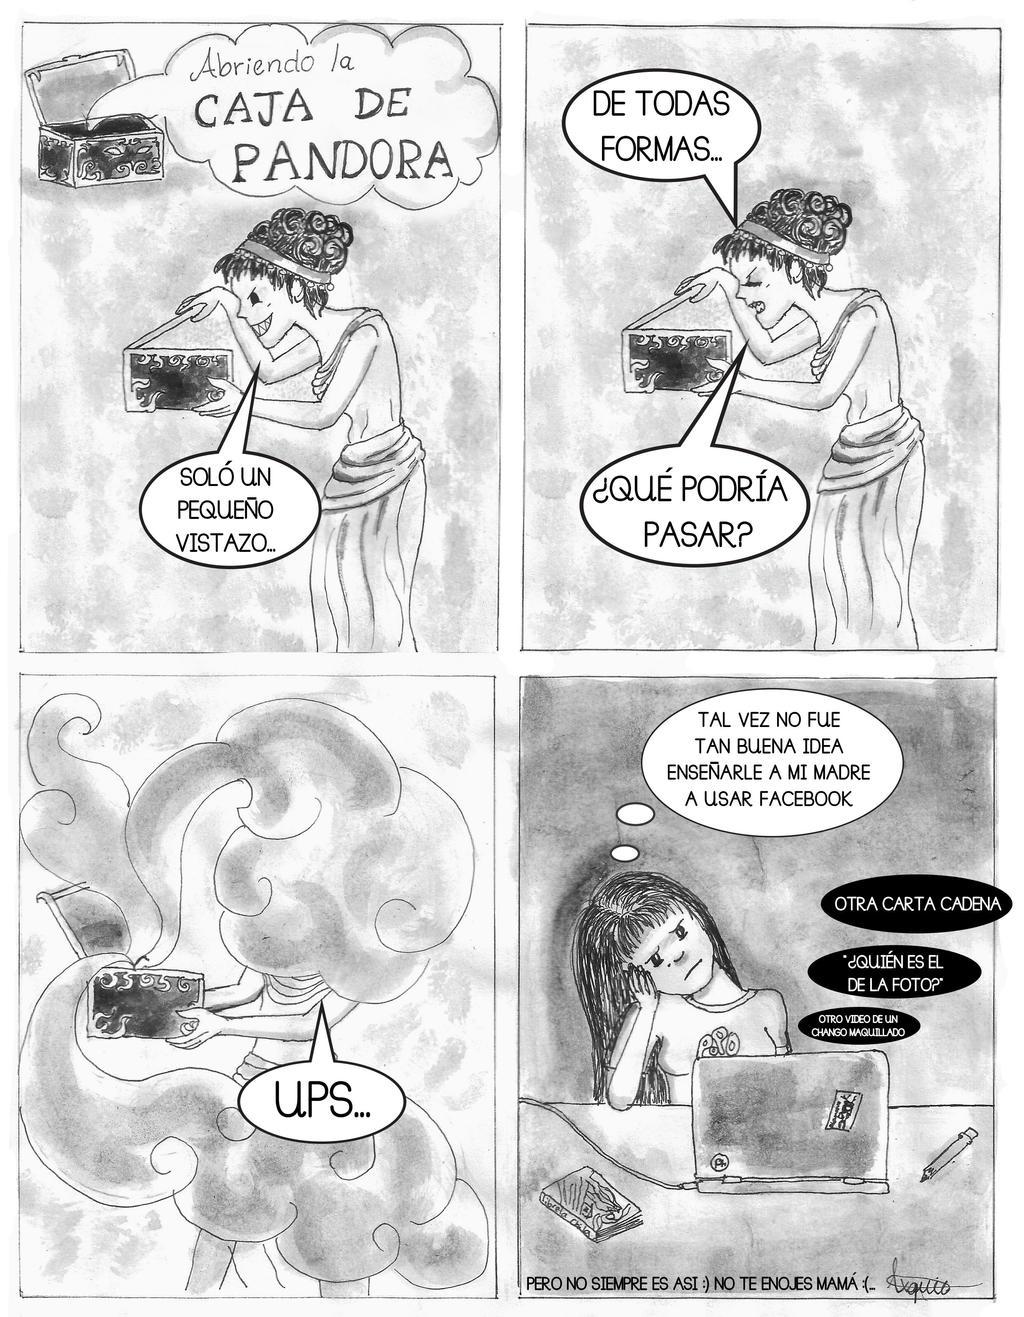 Abriendo La Caja De Pandora By Otramorra On Deviantart